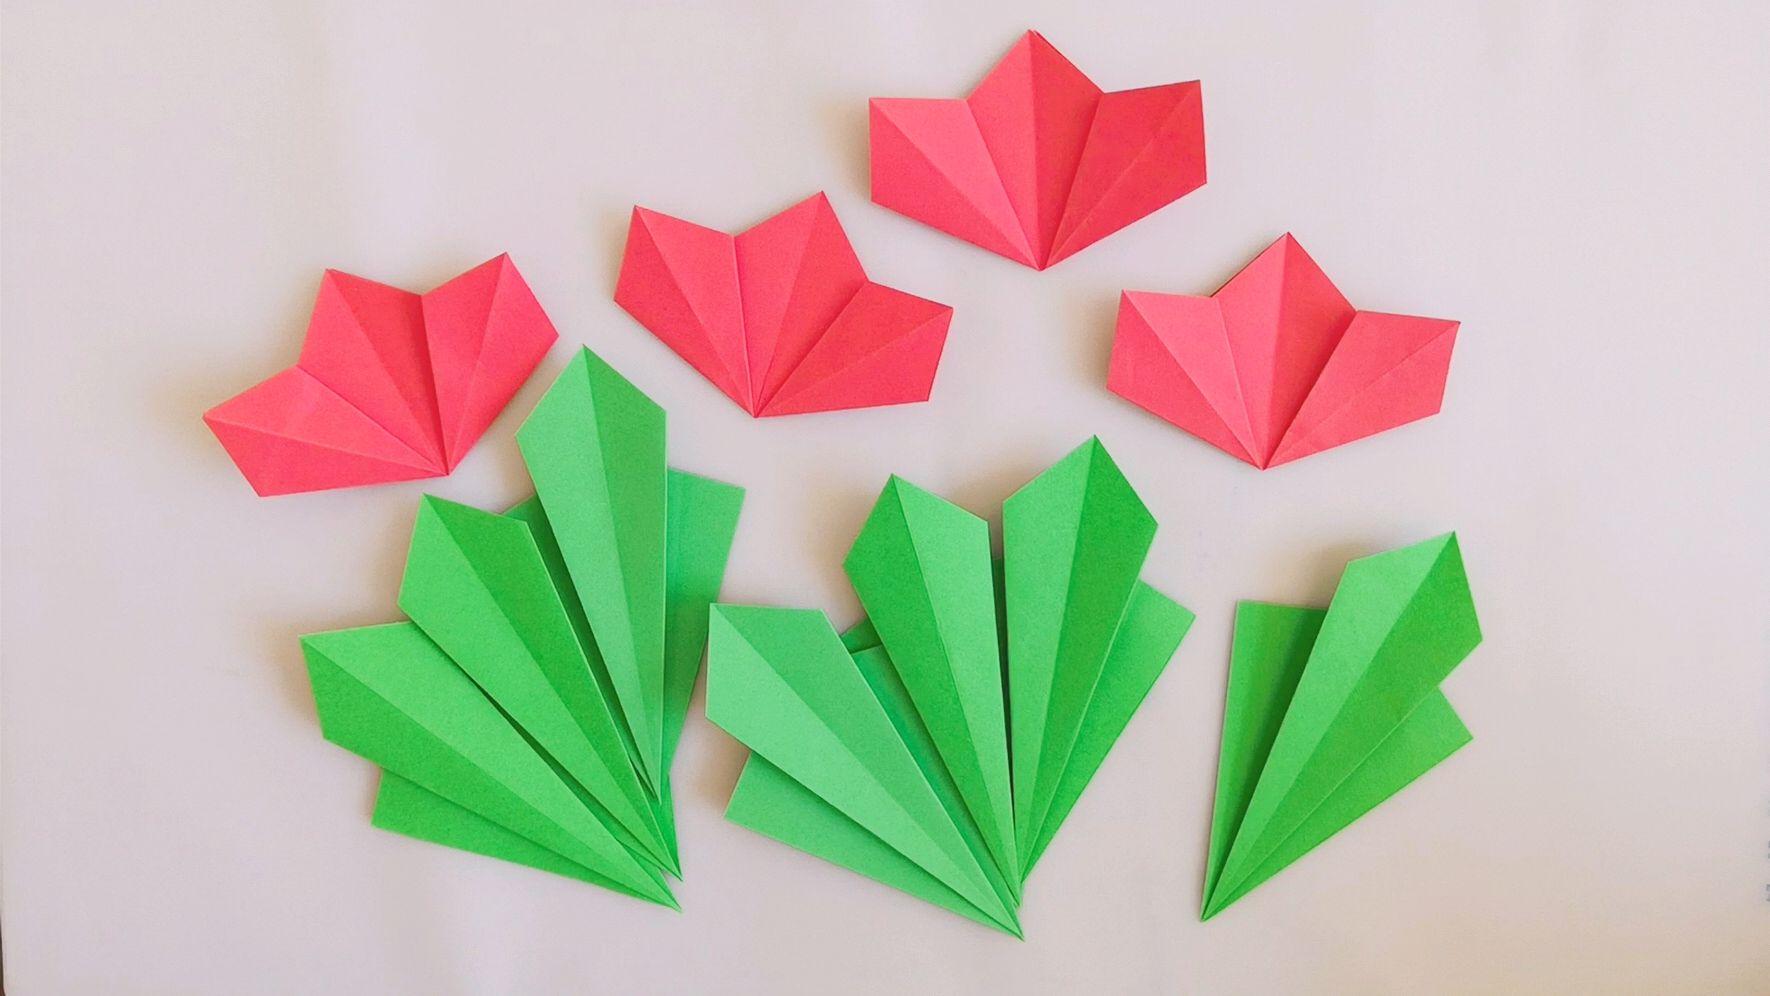 幼儿手工系列,特别简单的平面折纸花卉,几步就能完成图片